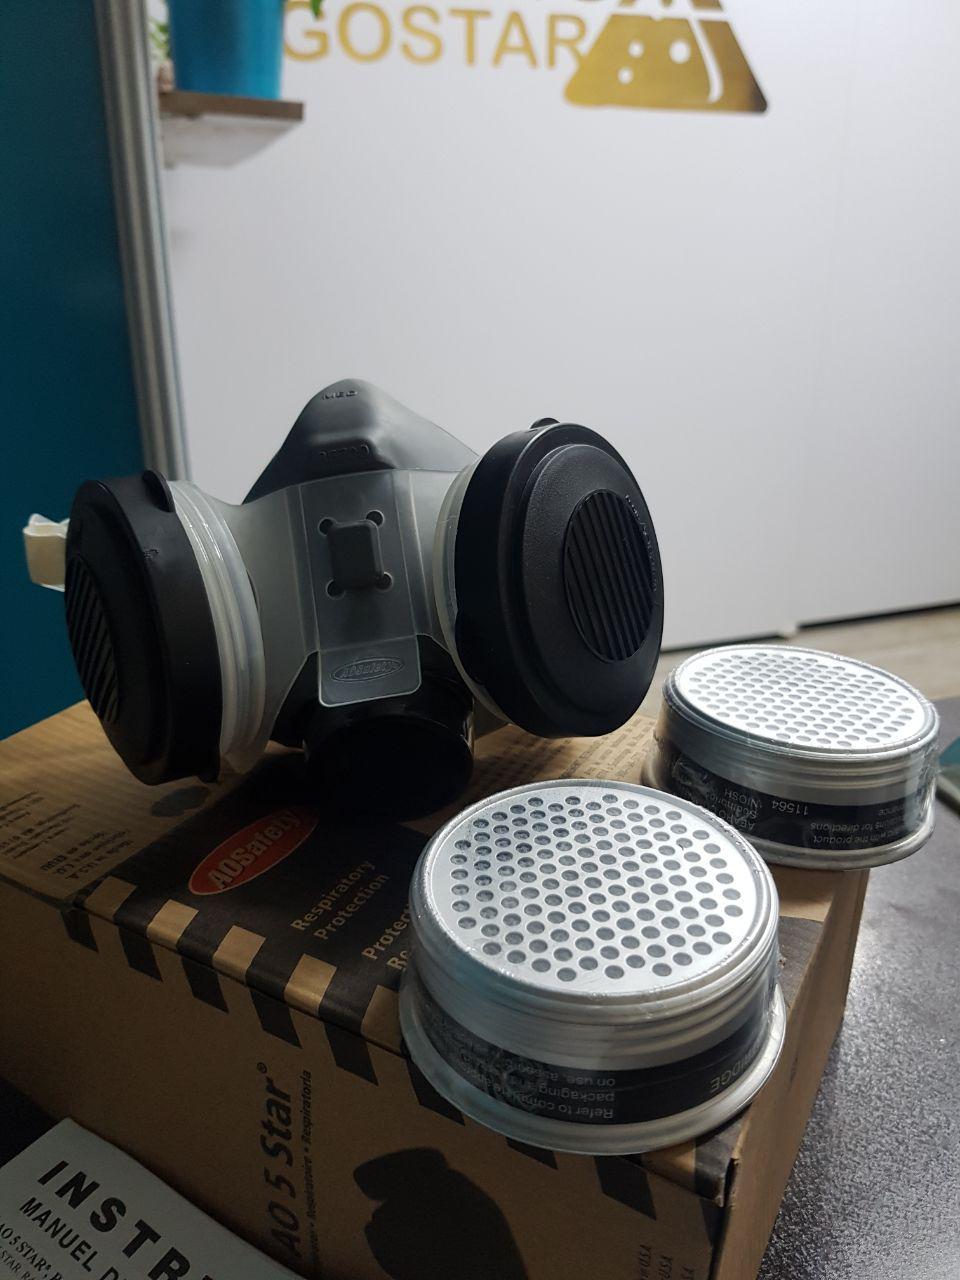 ماسک شیمیایی دو فیلتره